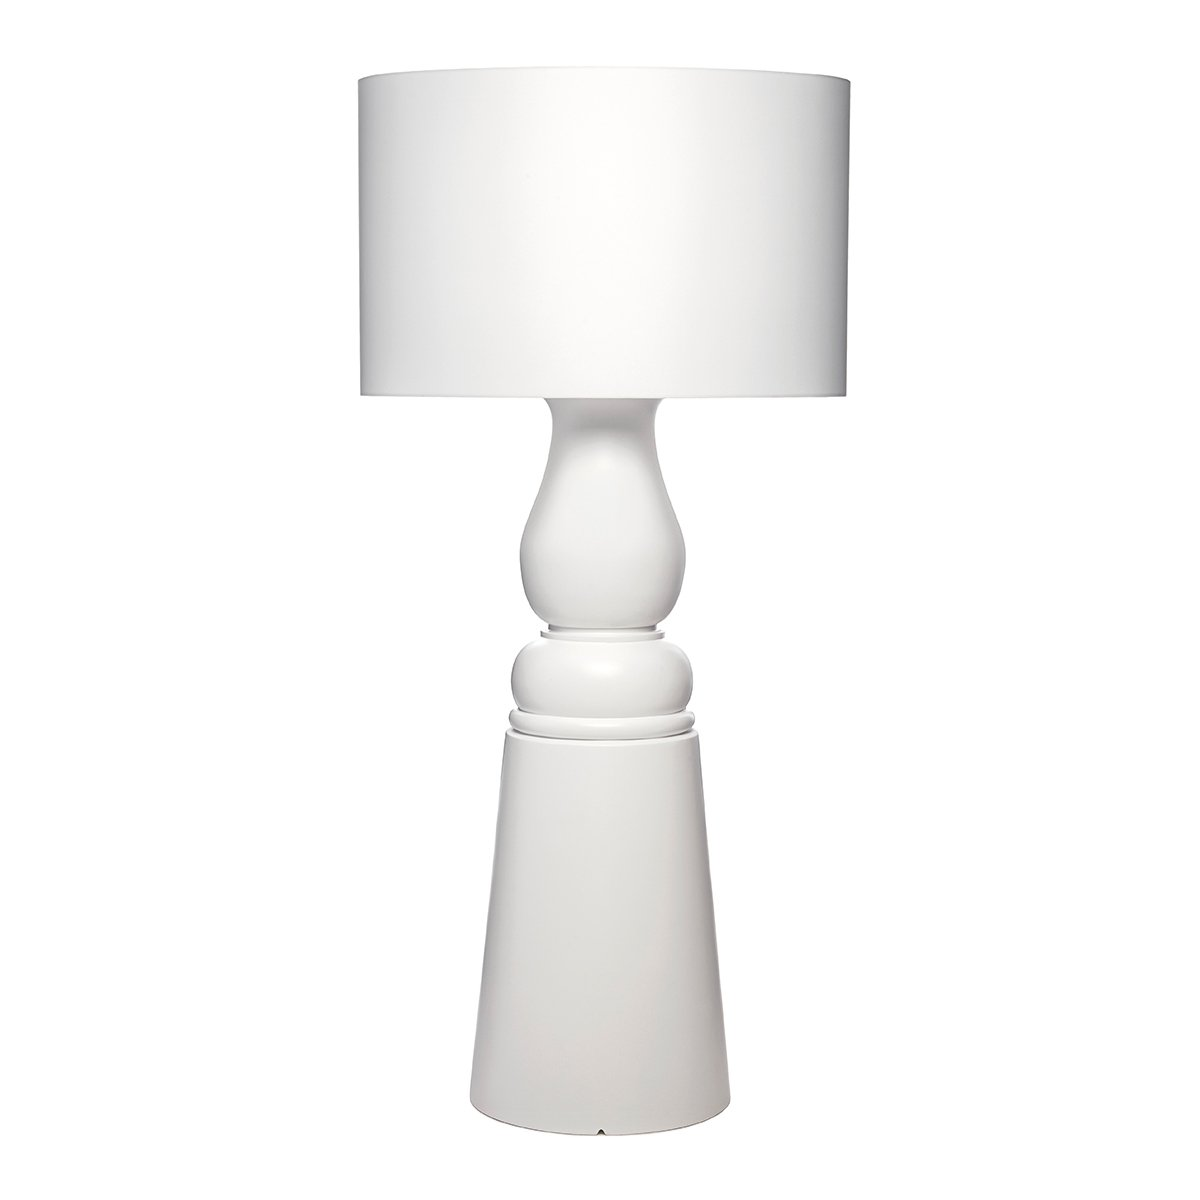 Moooi Farooo Vloerlamp - Wit - Medium